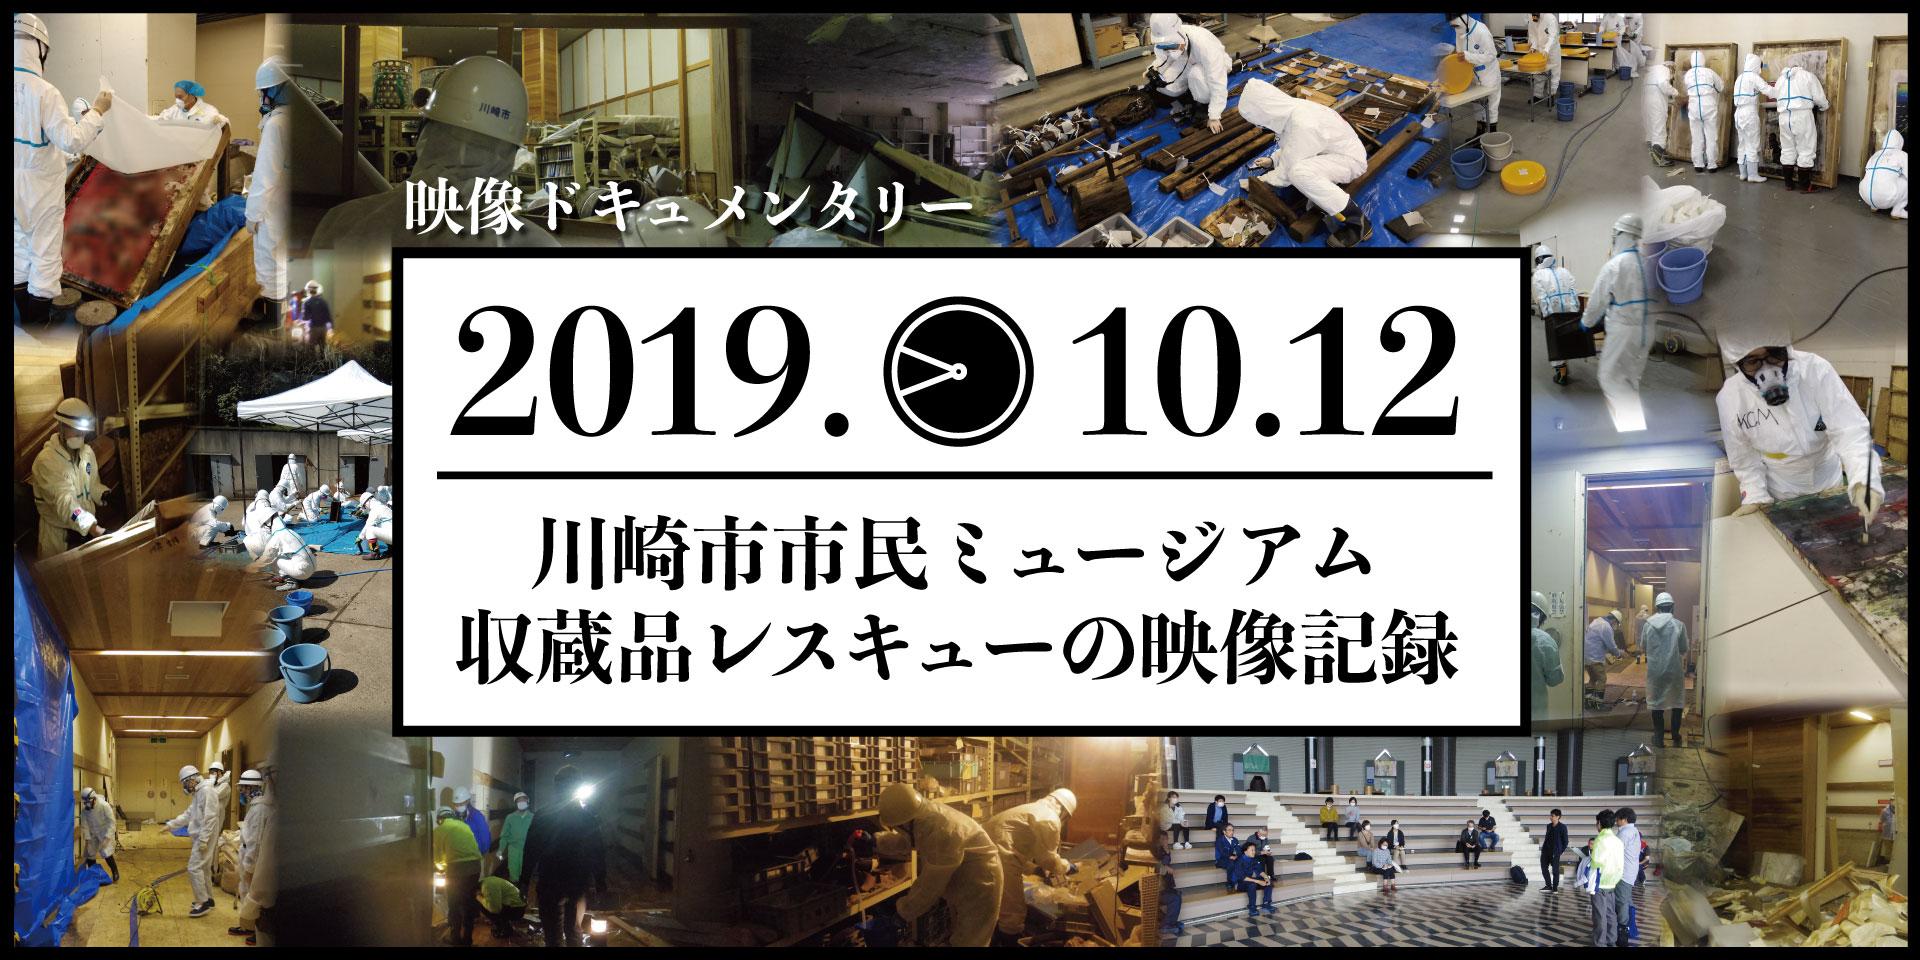 川崎市市民ミュージアム 被災収蔵品レスキューの映像記録 ―2019.10.12―